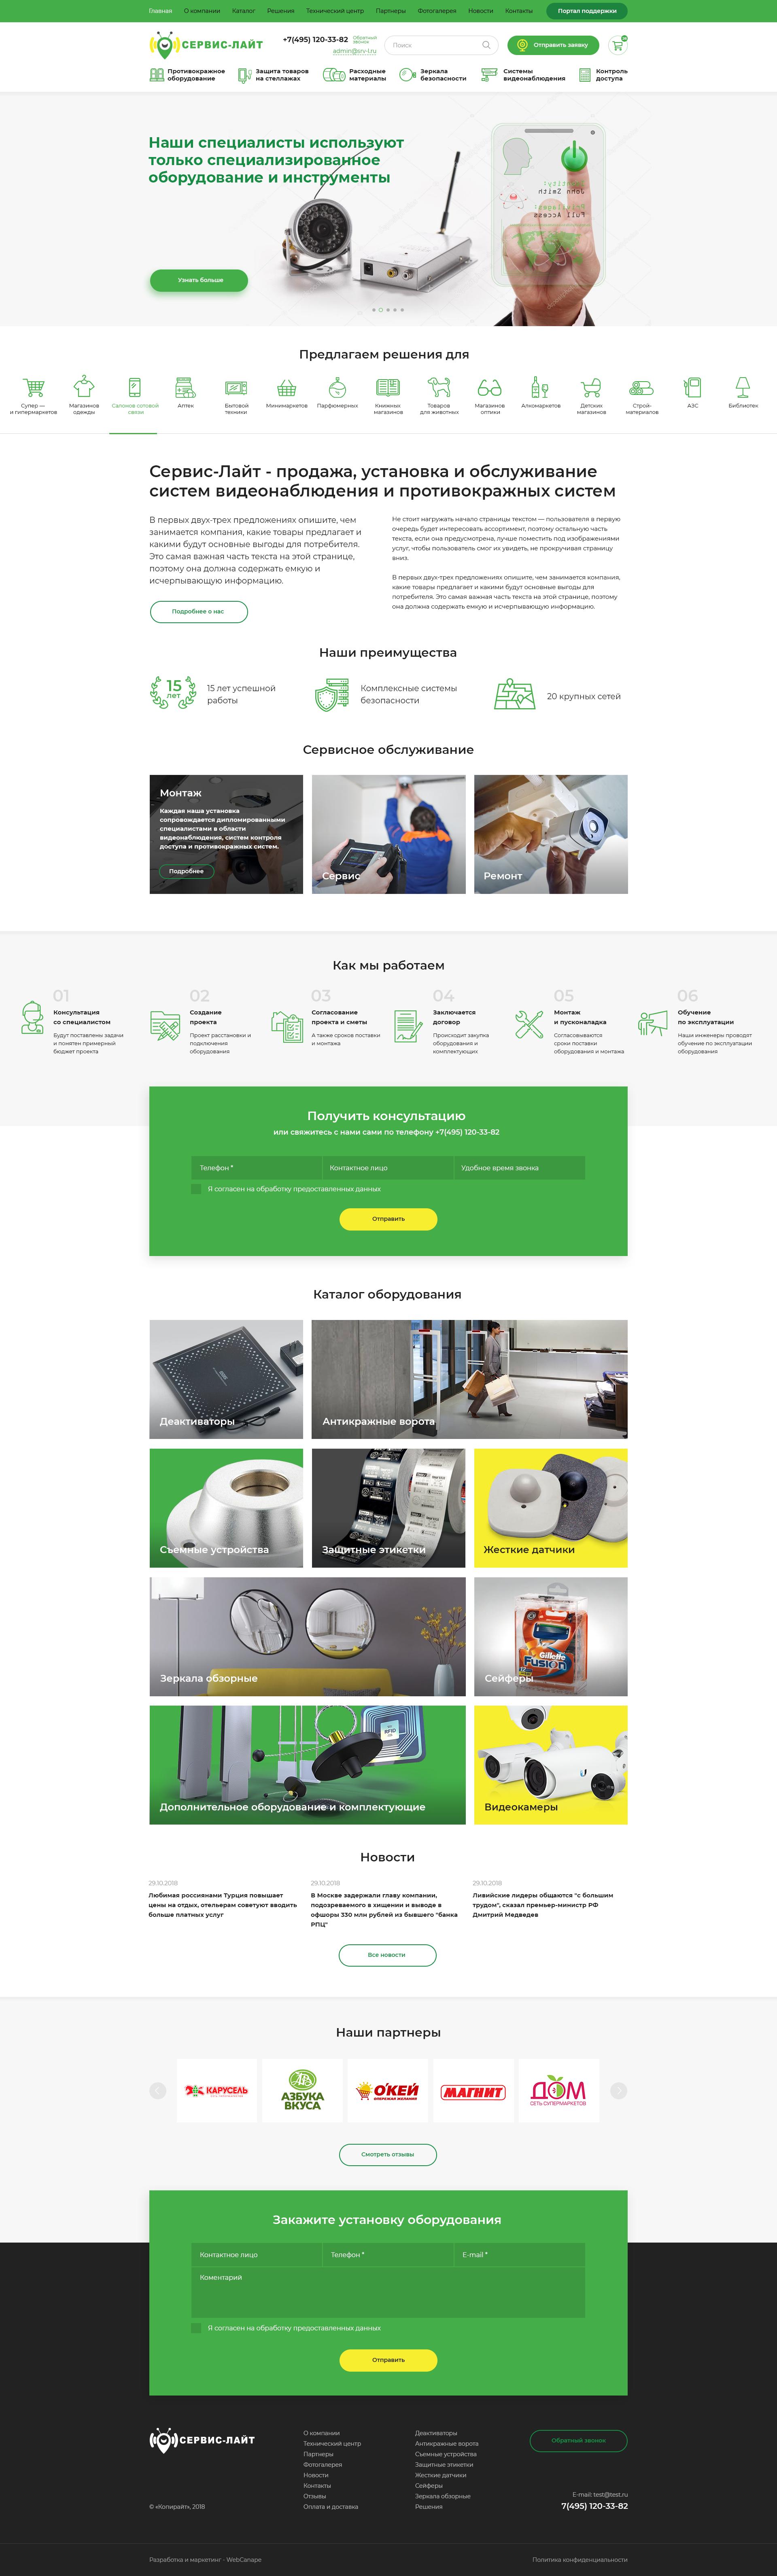 Сайт для компании занимающейся установкой систем видеонаблюдения и антикражного оборудования под ключ